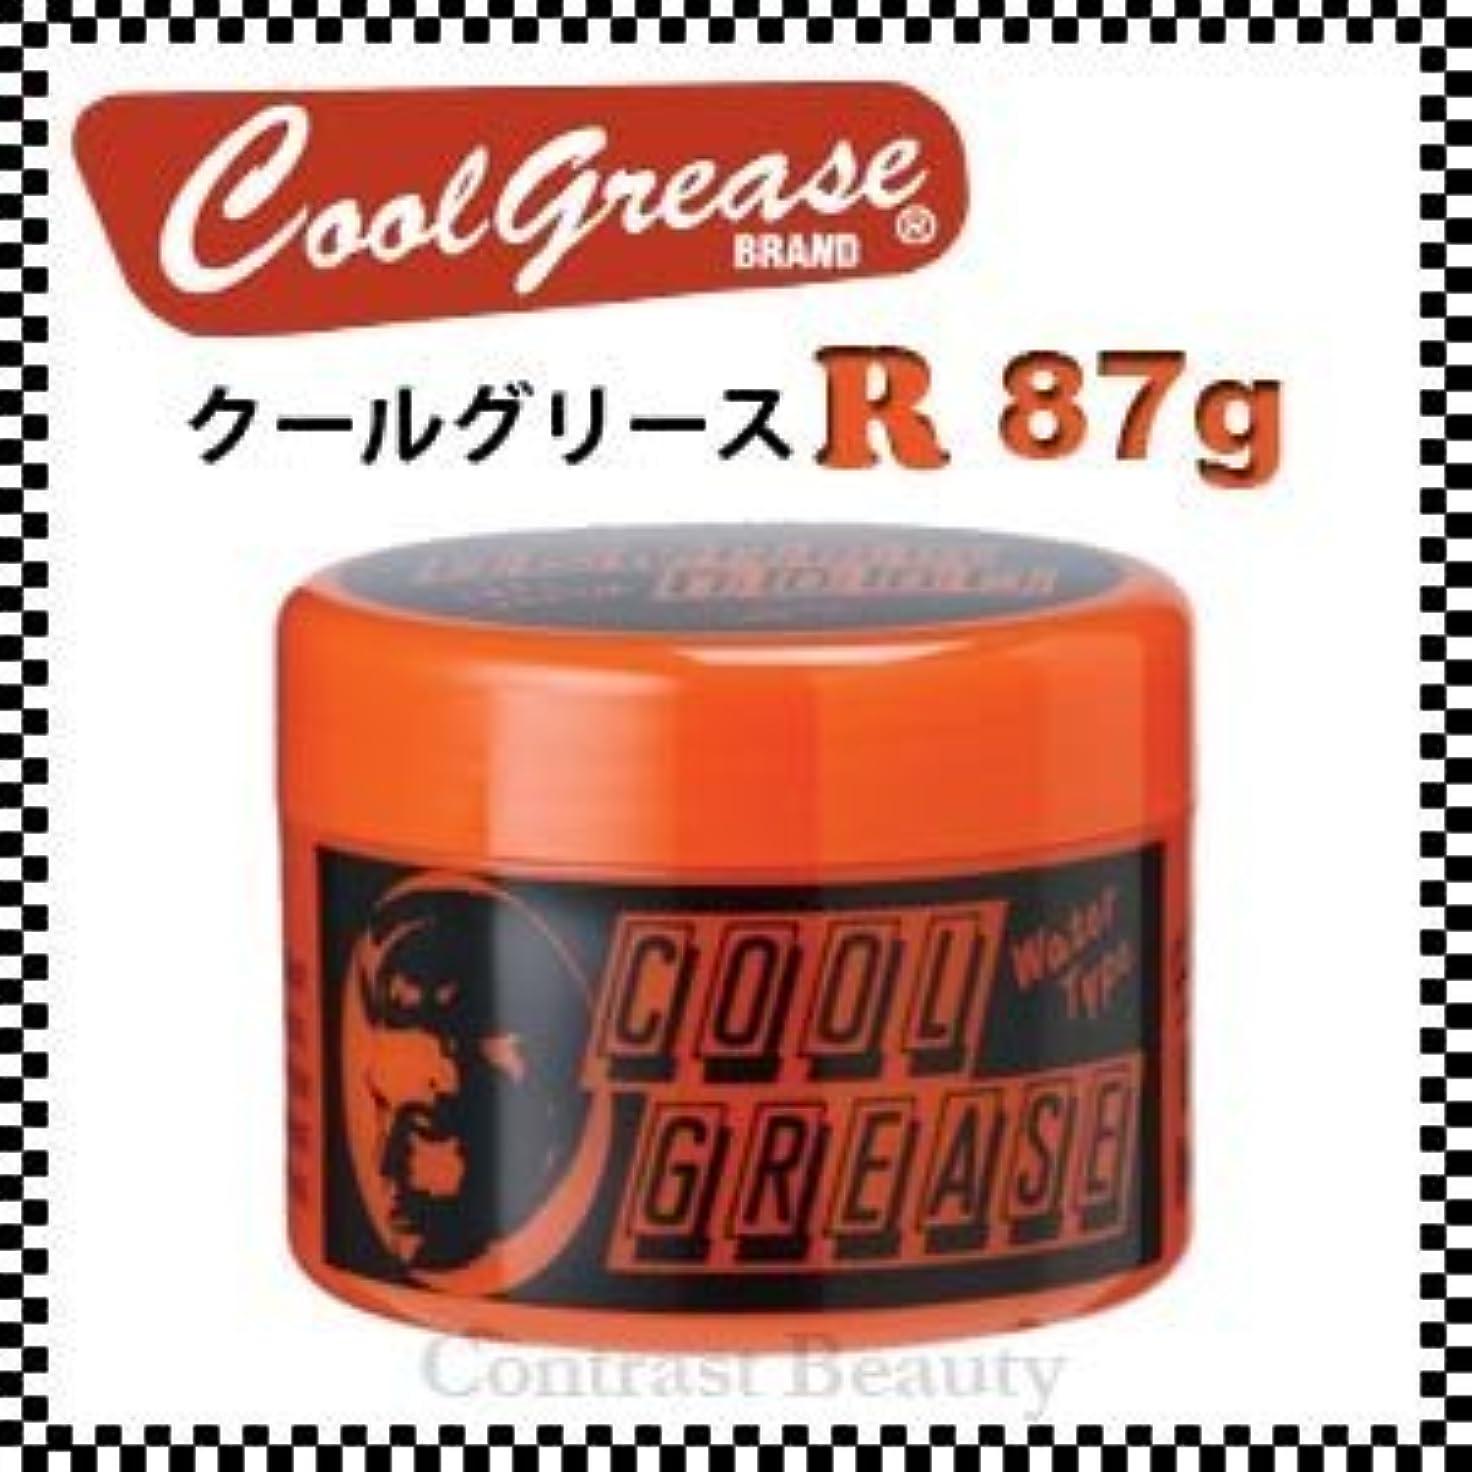 新しさ上に築きます祈る阪本高生堂 クールグリース R 87g